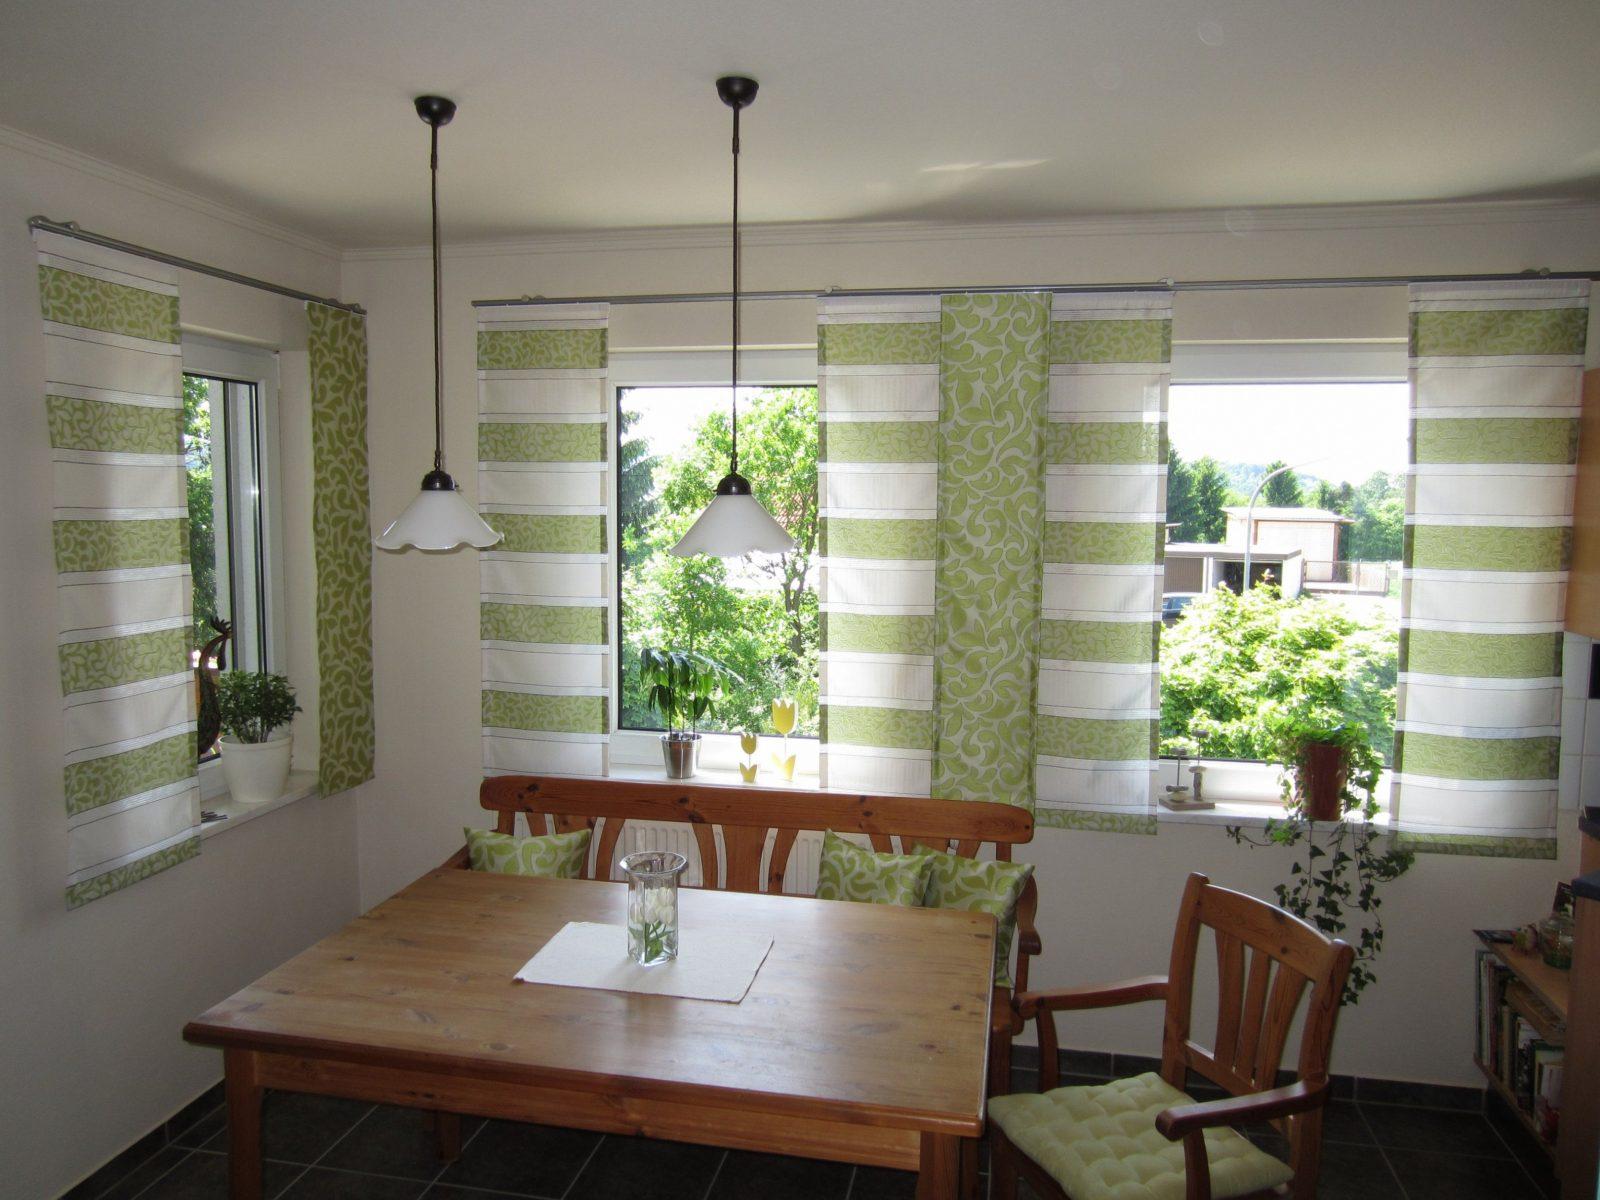 Exklusive Gardinen Esszimmer Best Of Erker 05 Wohnung Ideen von Gardinen Ideen Für Erkerfenster Photo